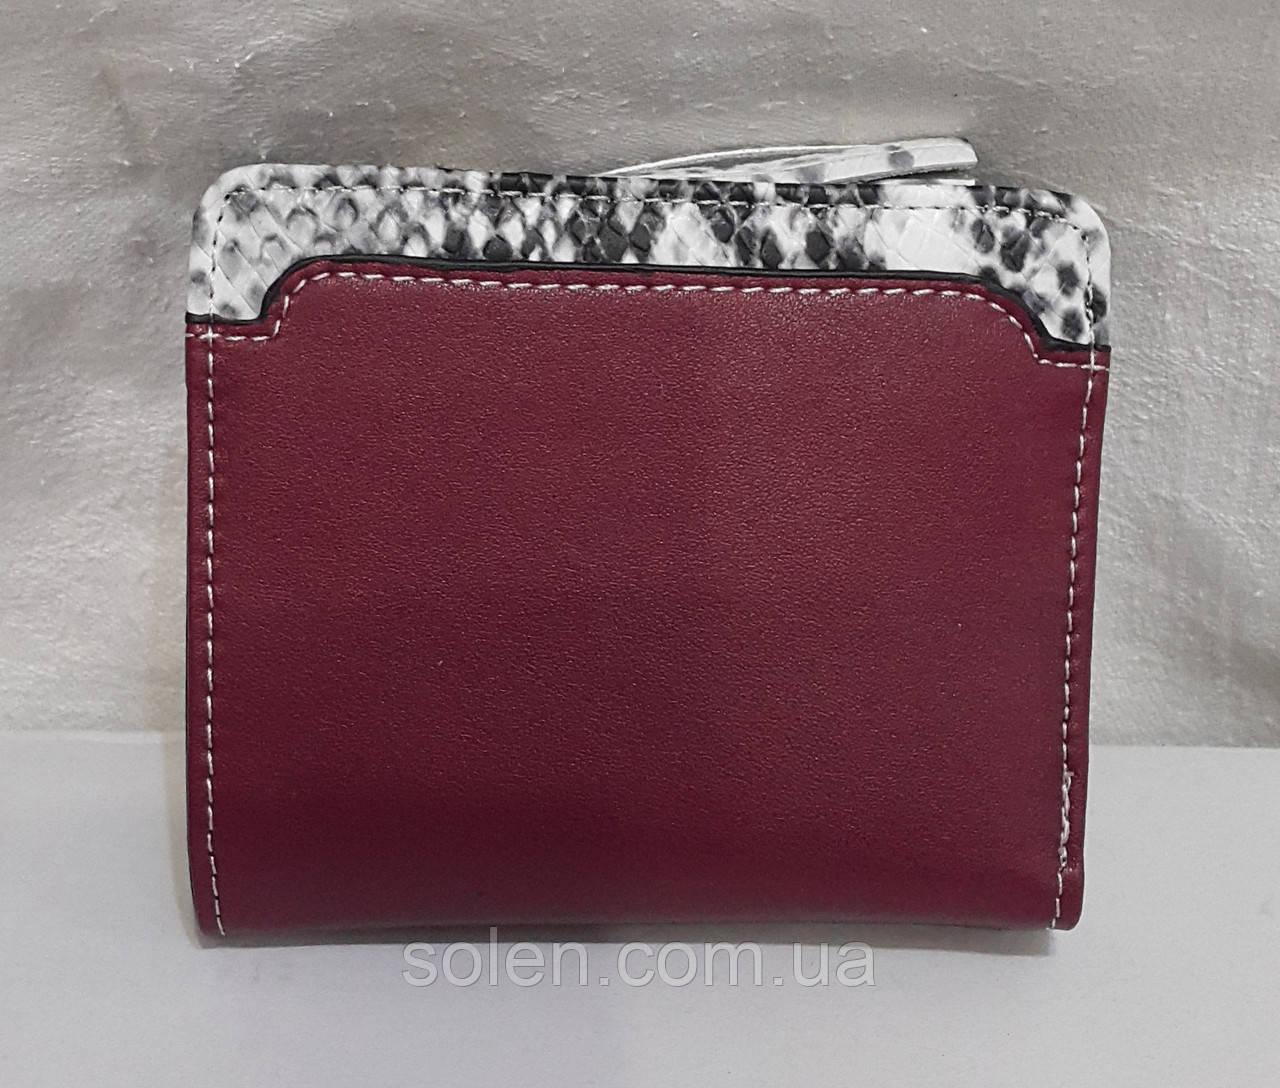 4e8429367d12 Компактный женский кошелёк. Маленький кожаный кошелёк. - Интернет-магазин  сумок Solen в Харькове